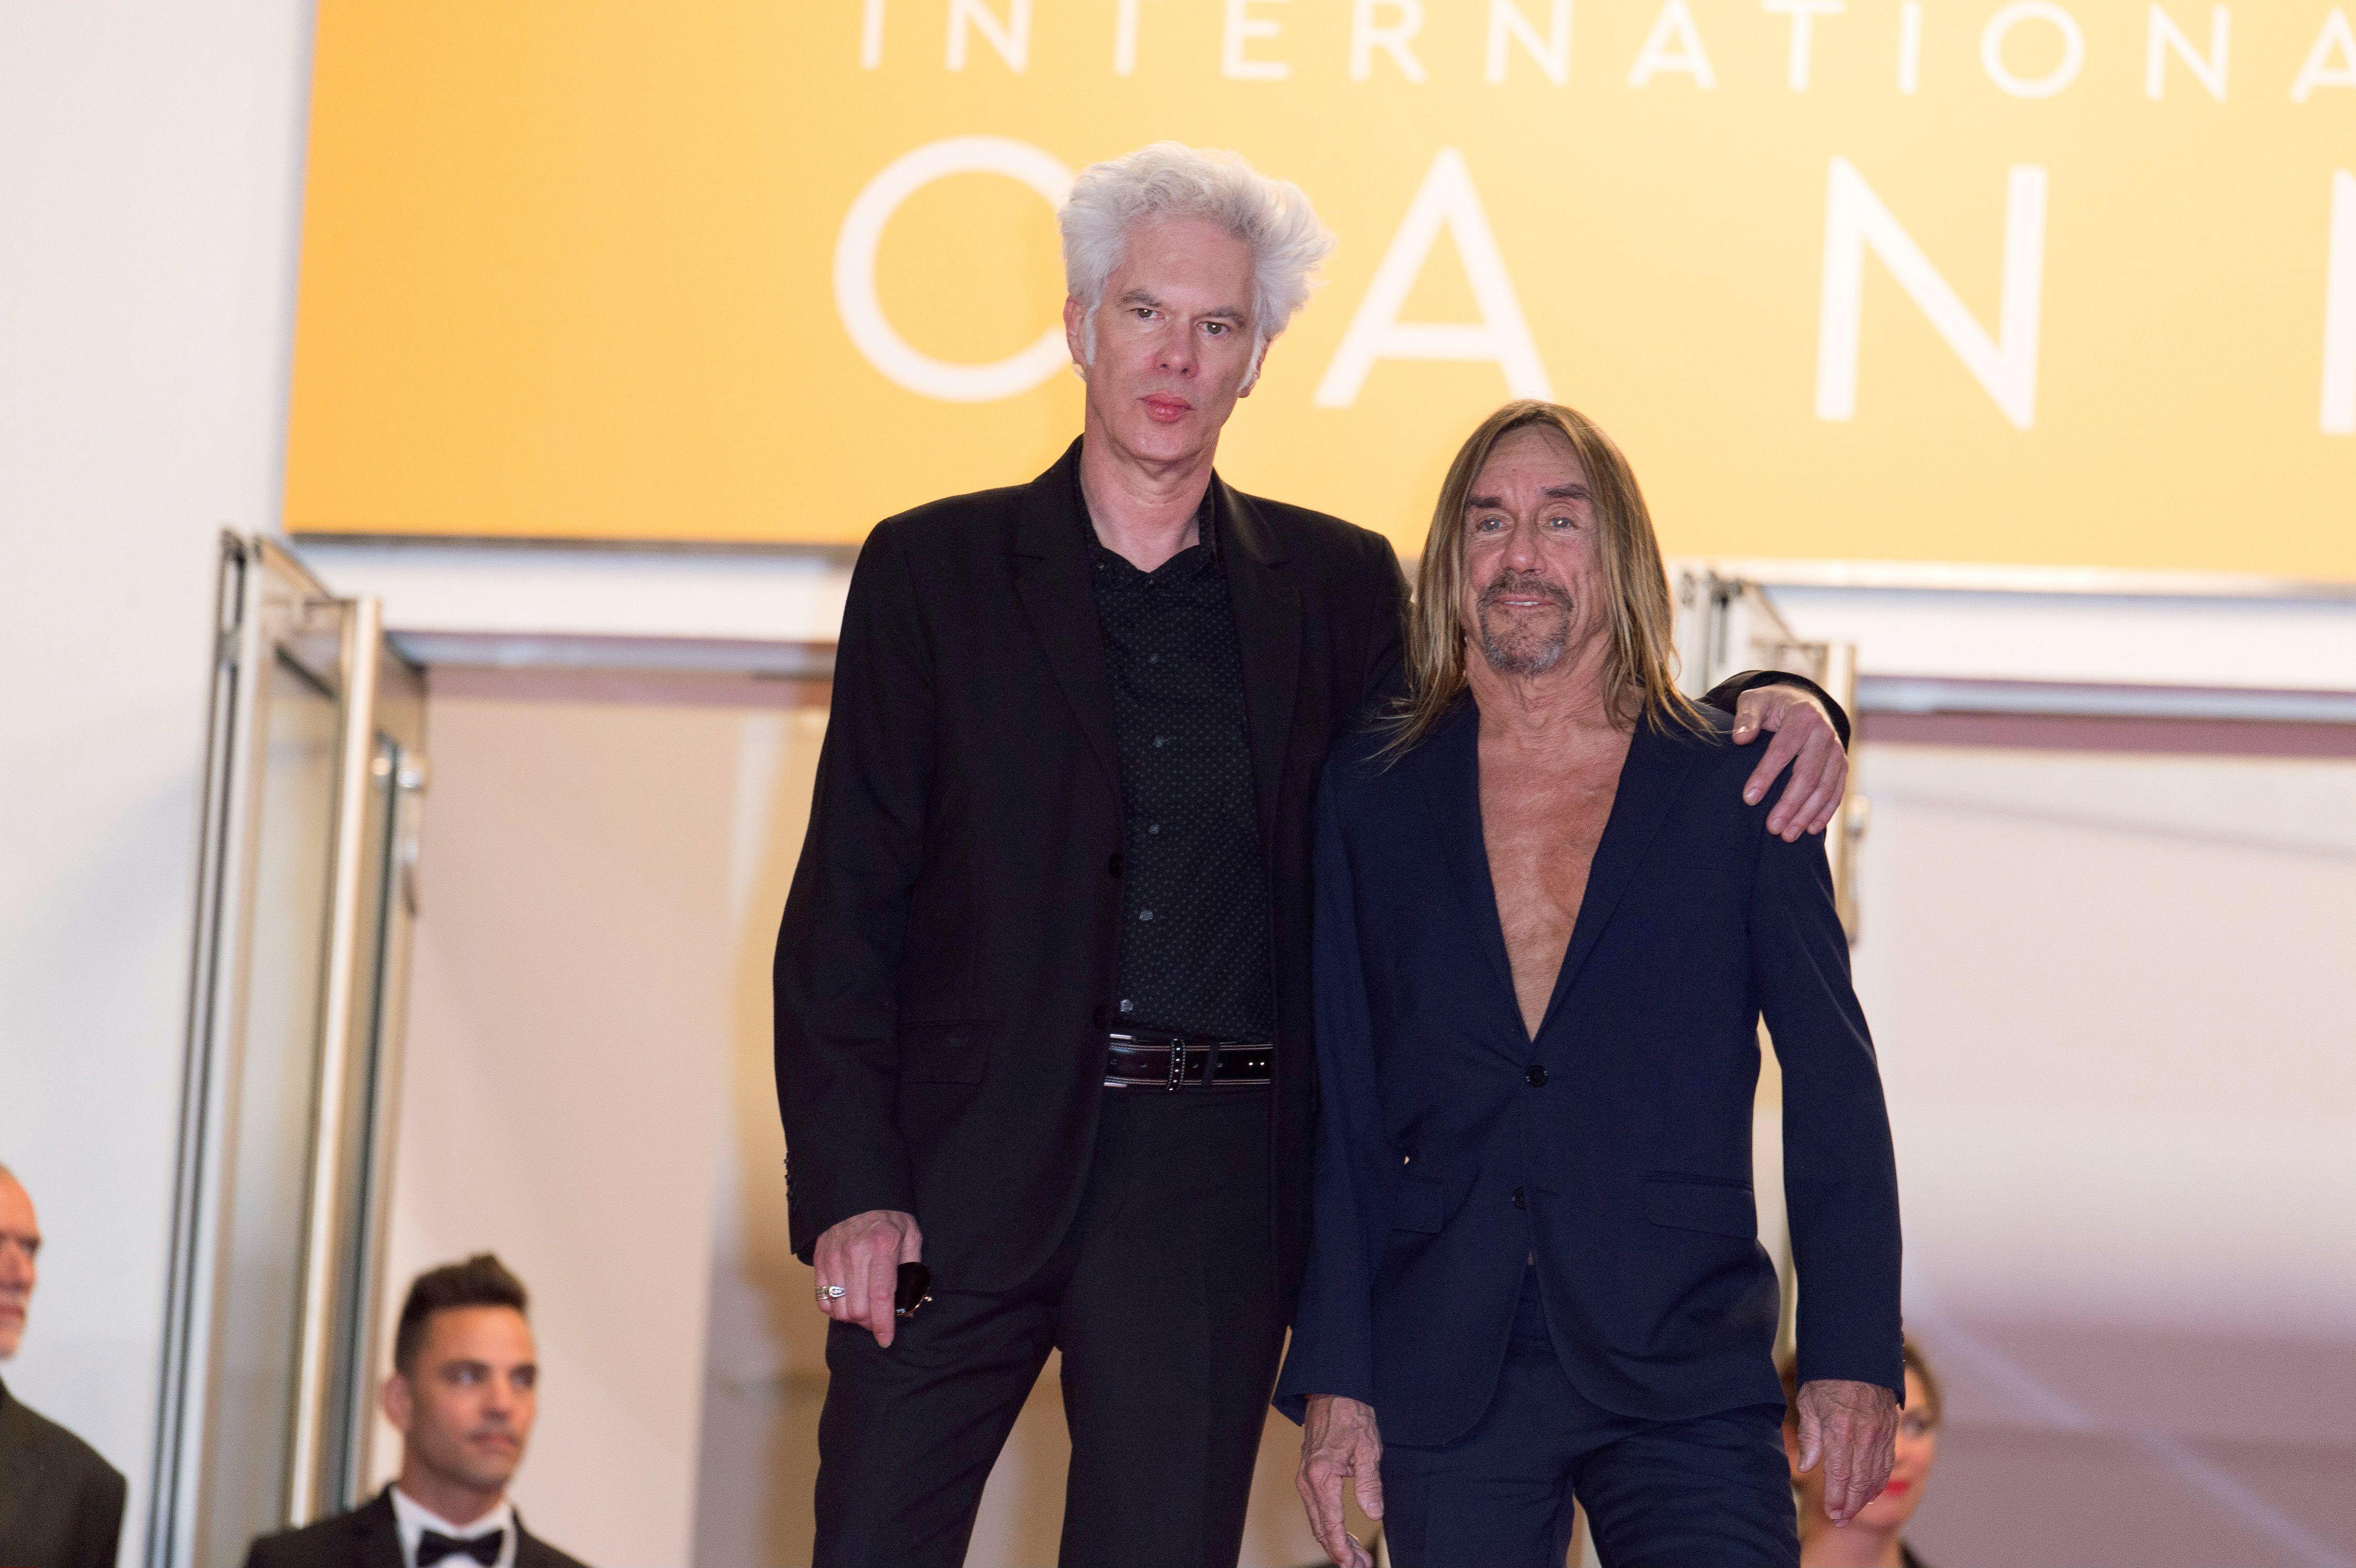 Bill Murray, Iggy Pop, Tom Waits, RZA to Star in Jim Jarmusch Zombie Film